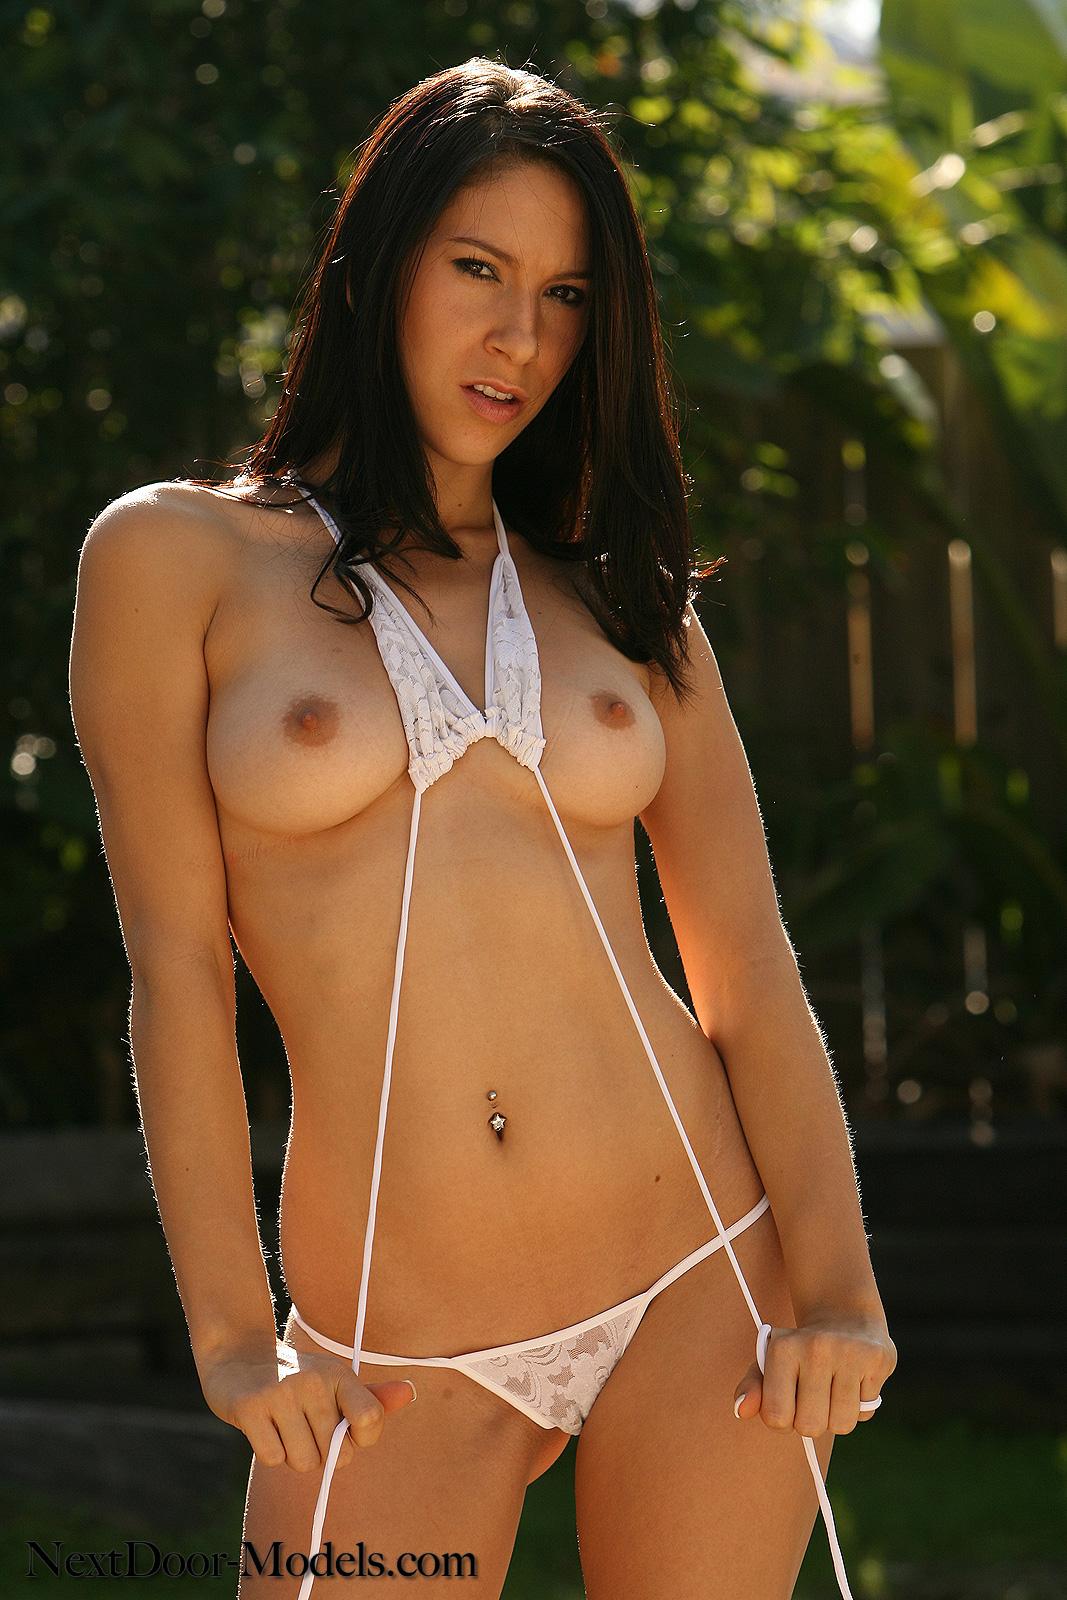 Sexy string bikini nude